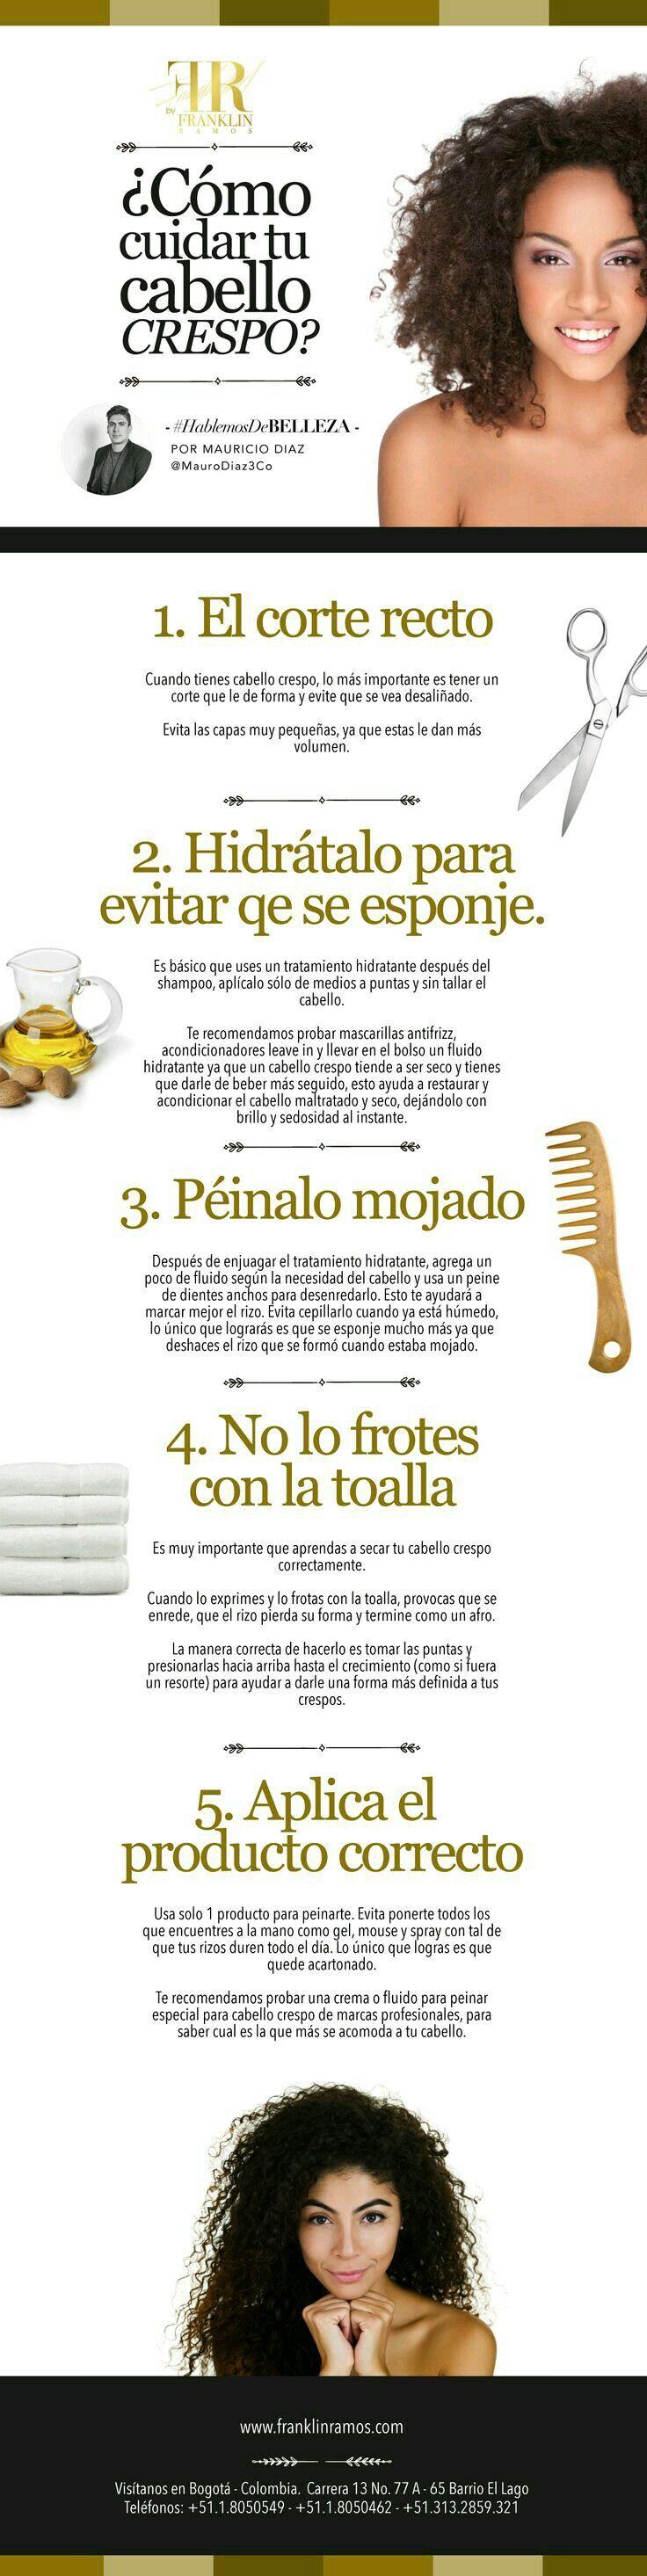 Utopía de mujer | Salud y Bienestar #healthandwellness #hair